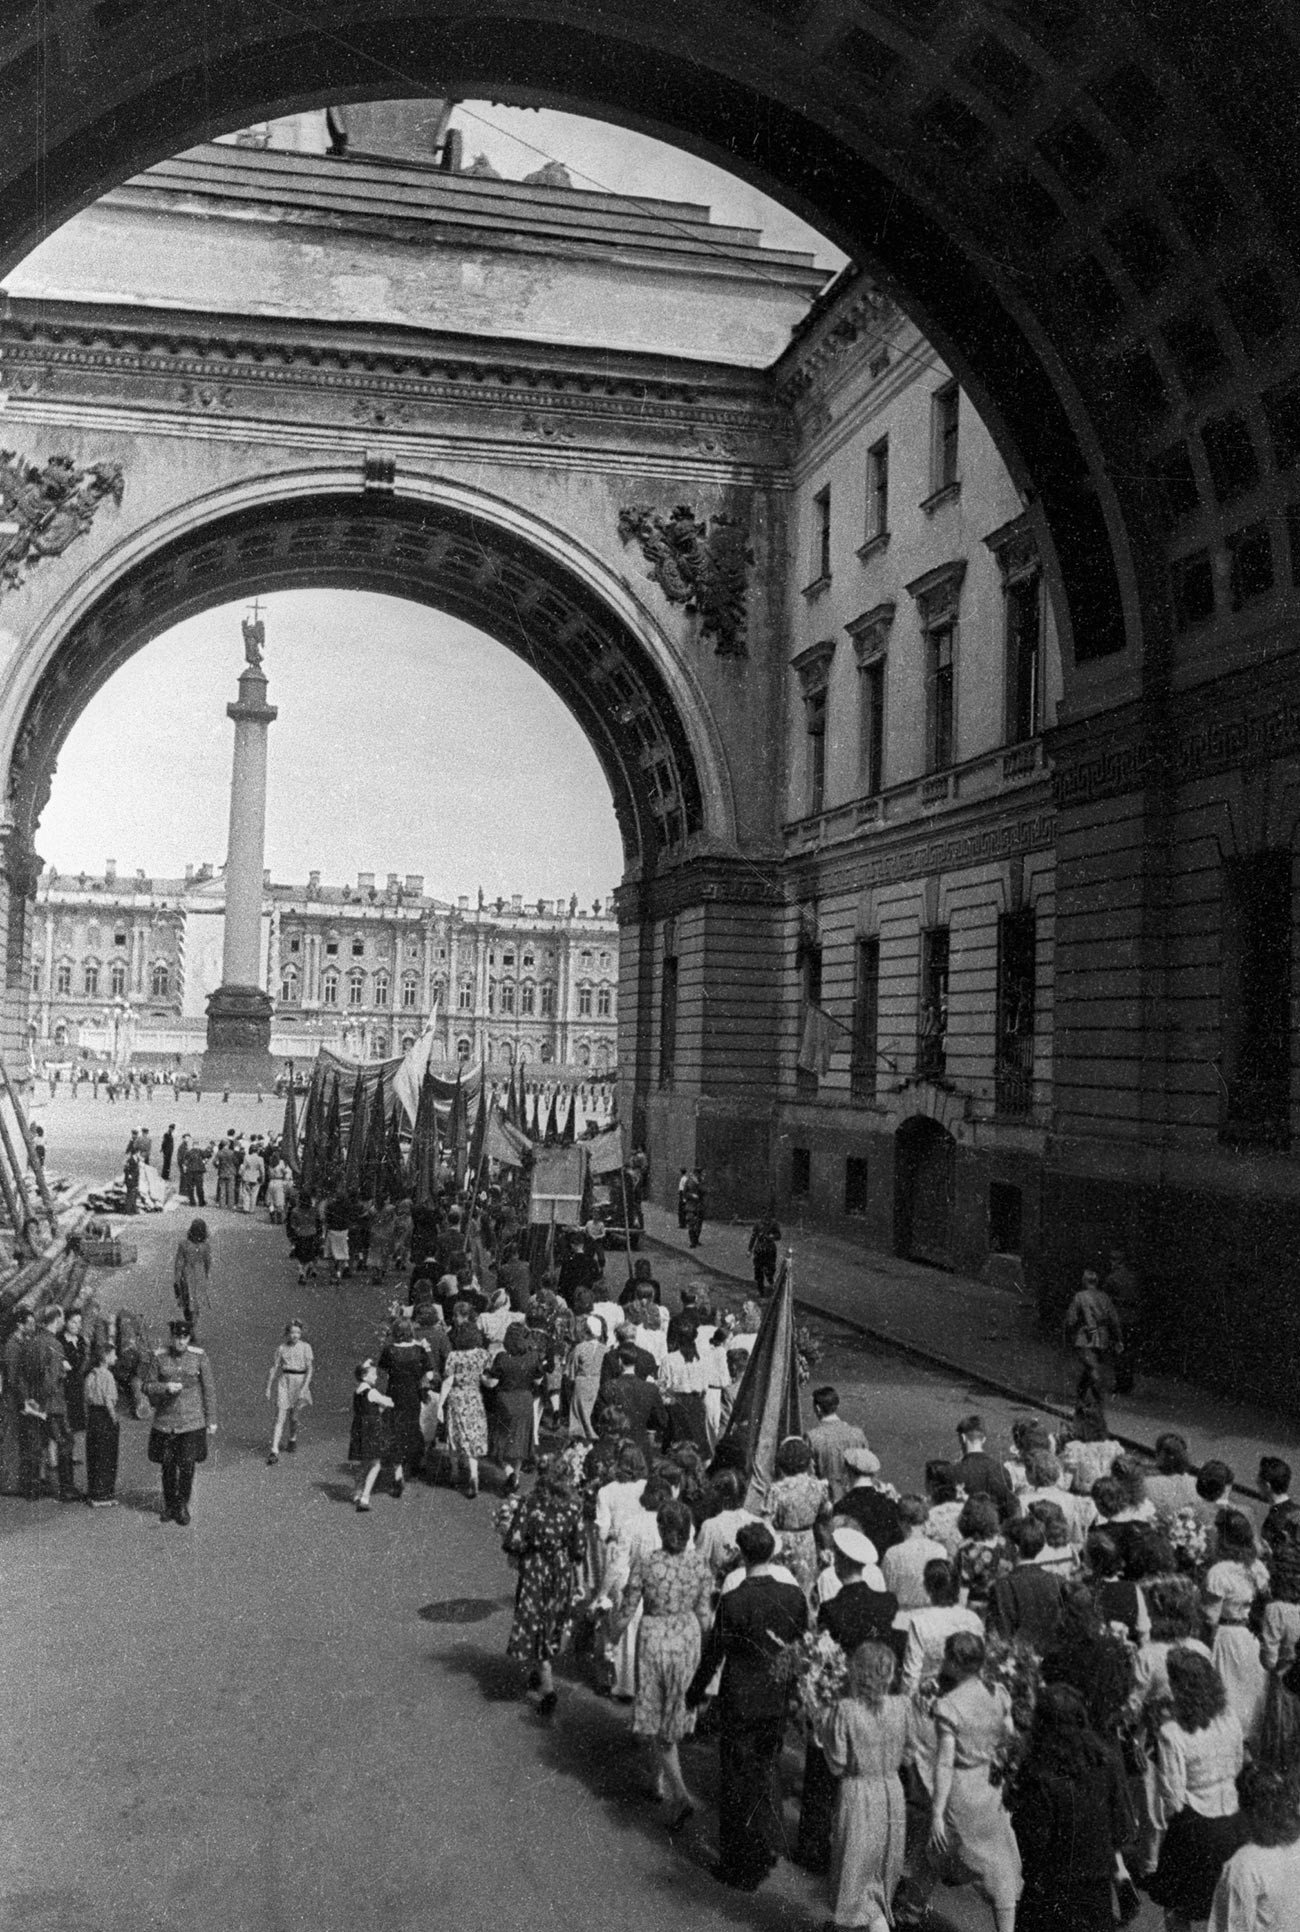 Колонна демонстрантов проходит под Триумфальной аркой главного штаба в Ленинграде.